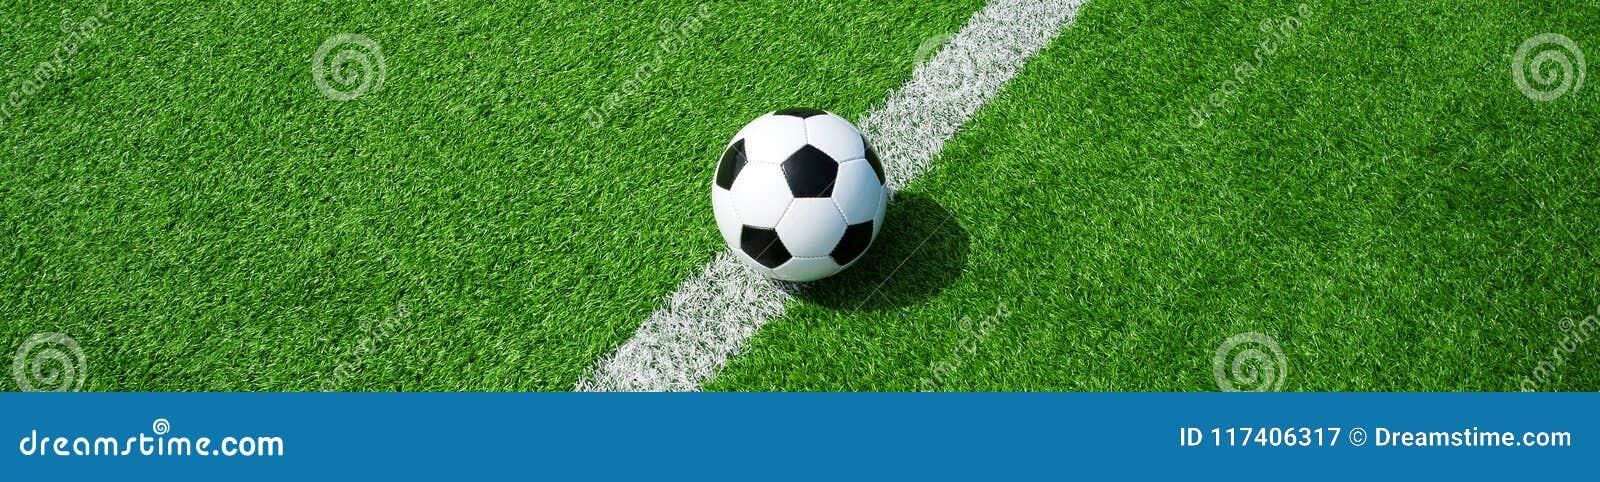 Balón de fútbol en la hierba artificial verde, formato de paisaje, para una bandera